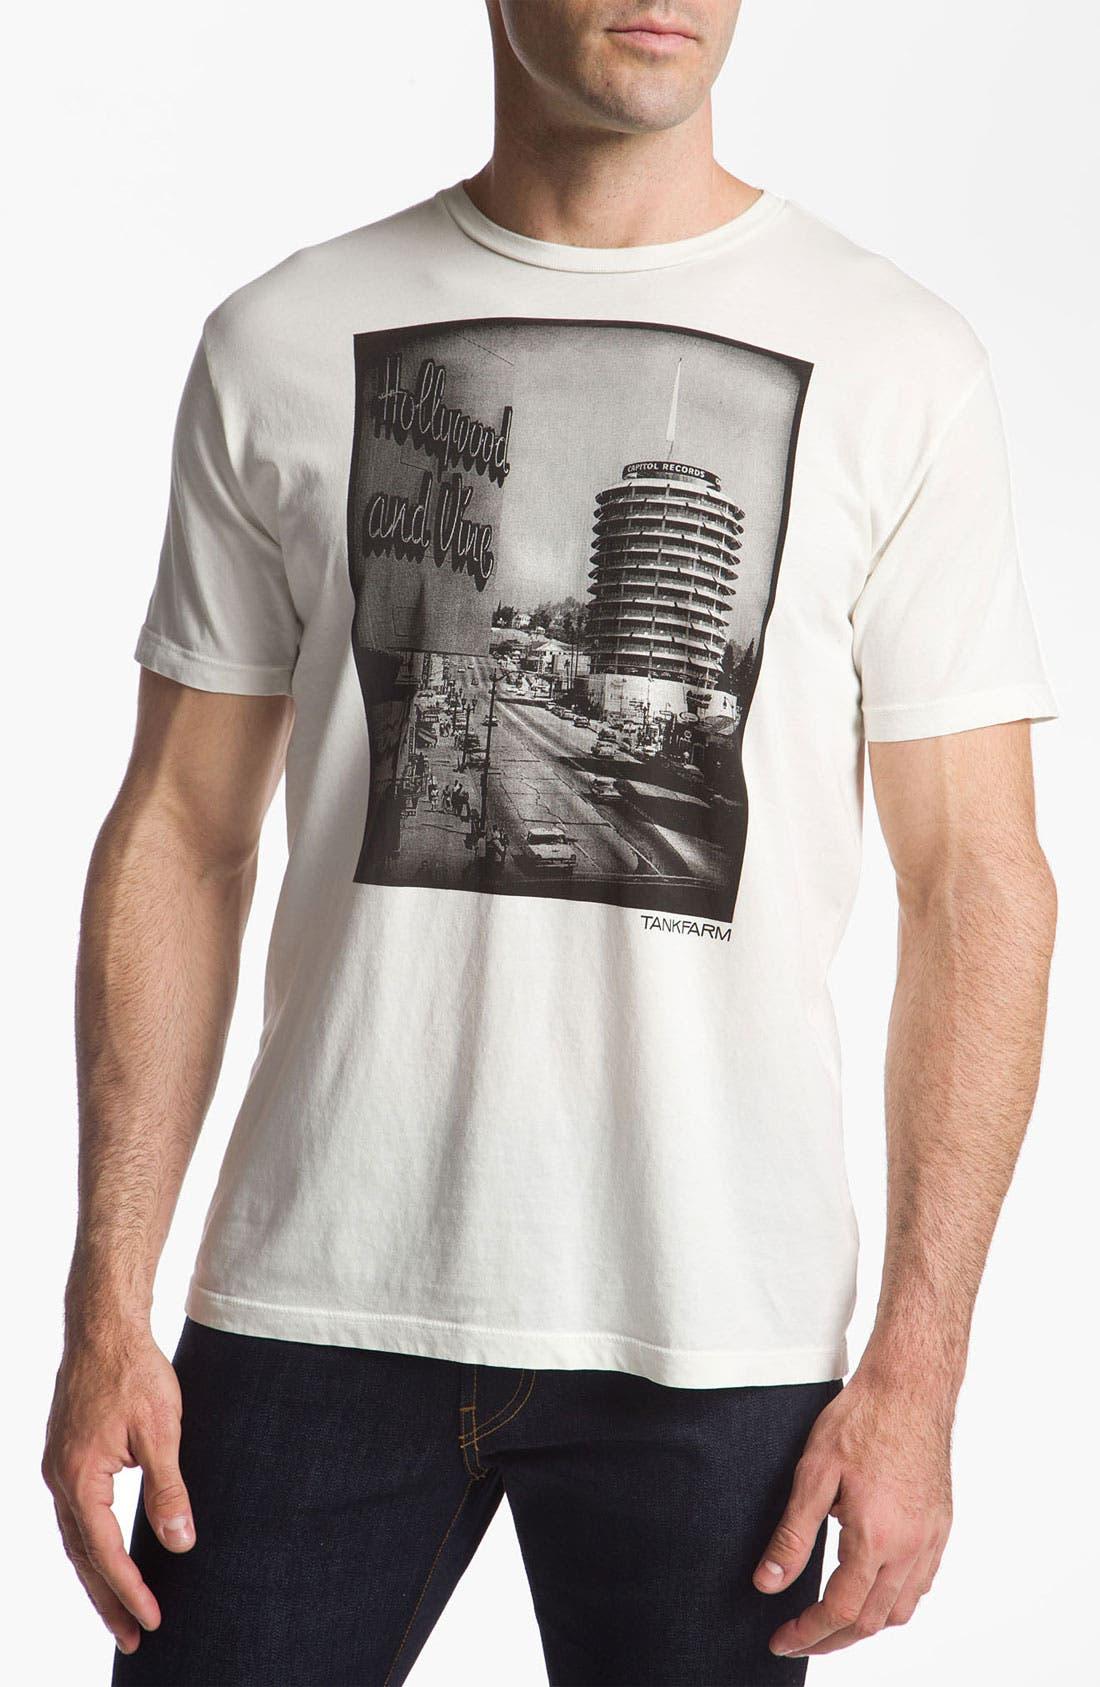 Main Image - Tankfarm 'Hollywood & Vine' T-Shirt